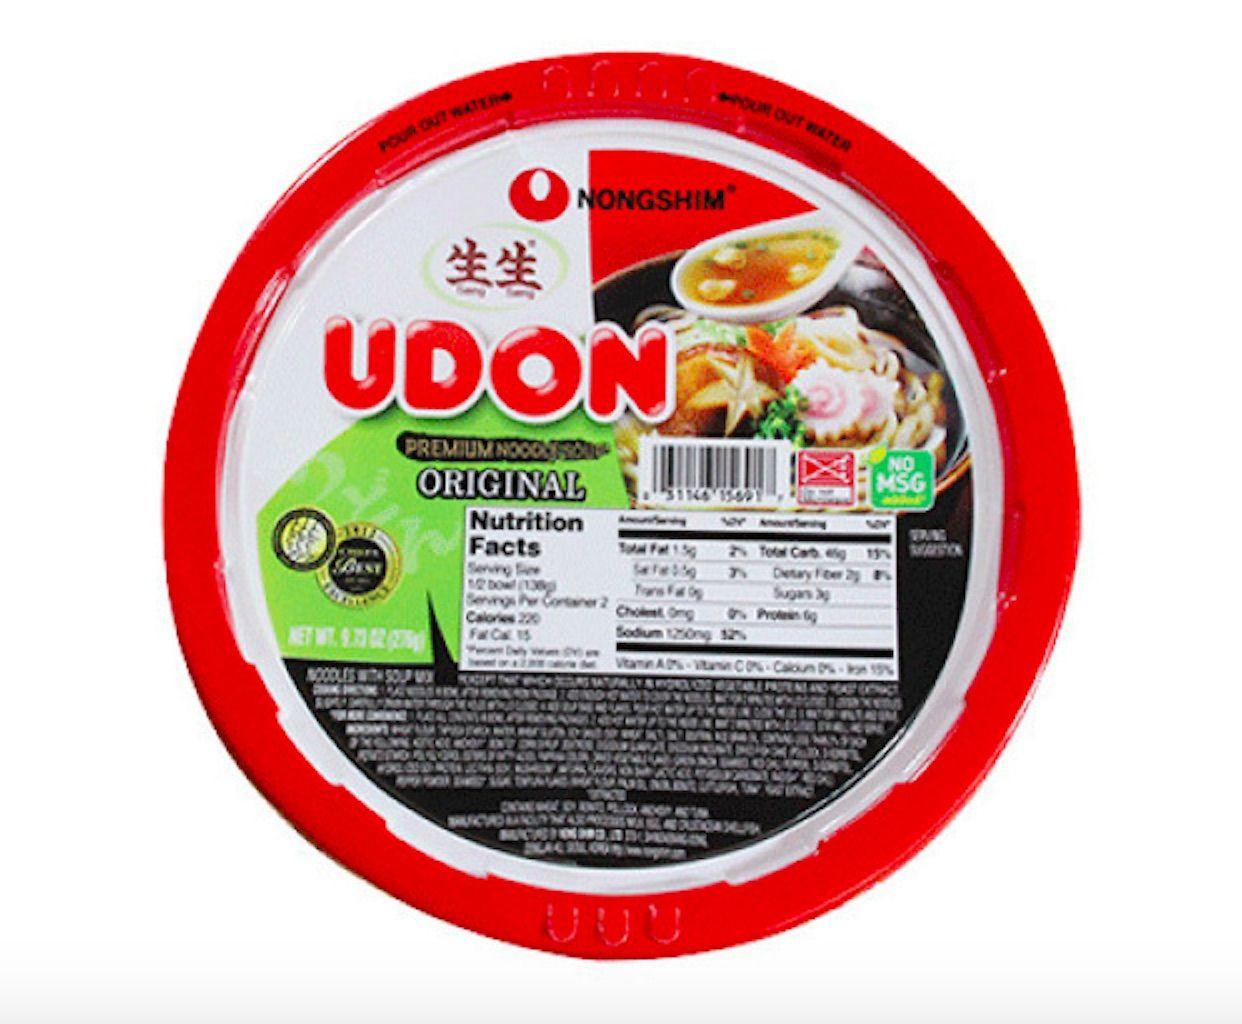 NONGSHIM instant noodles